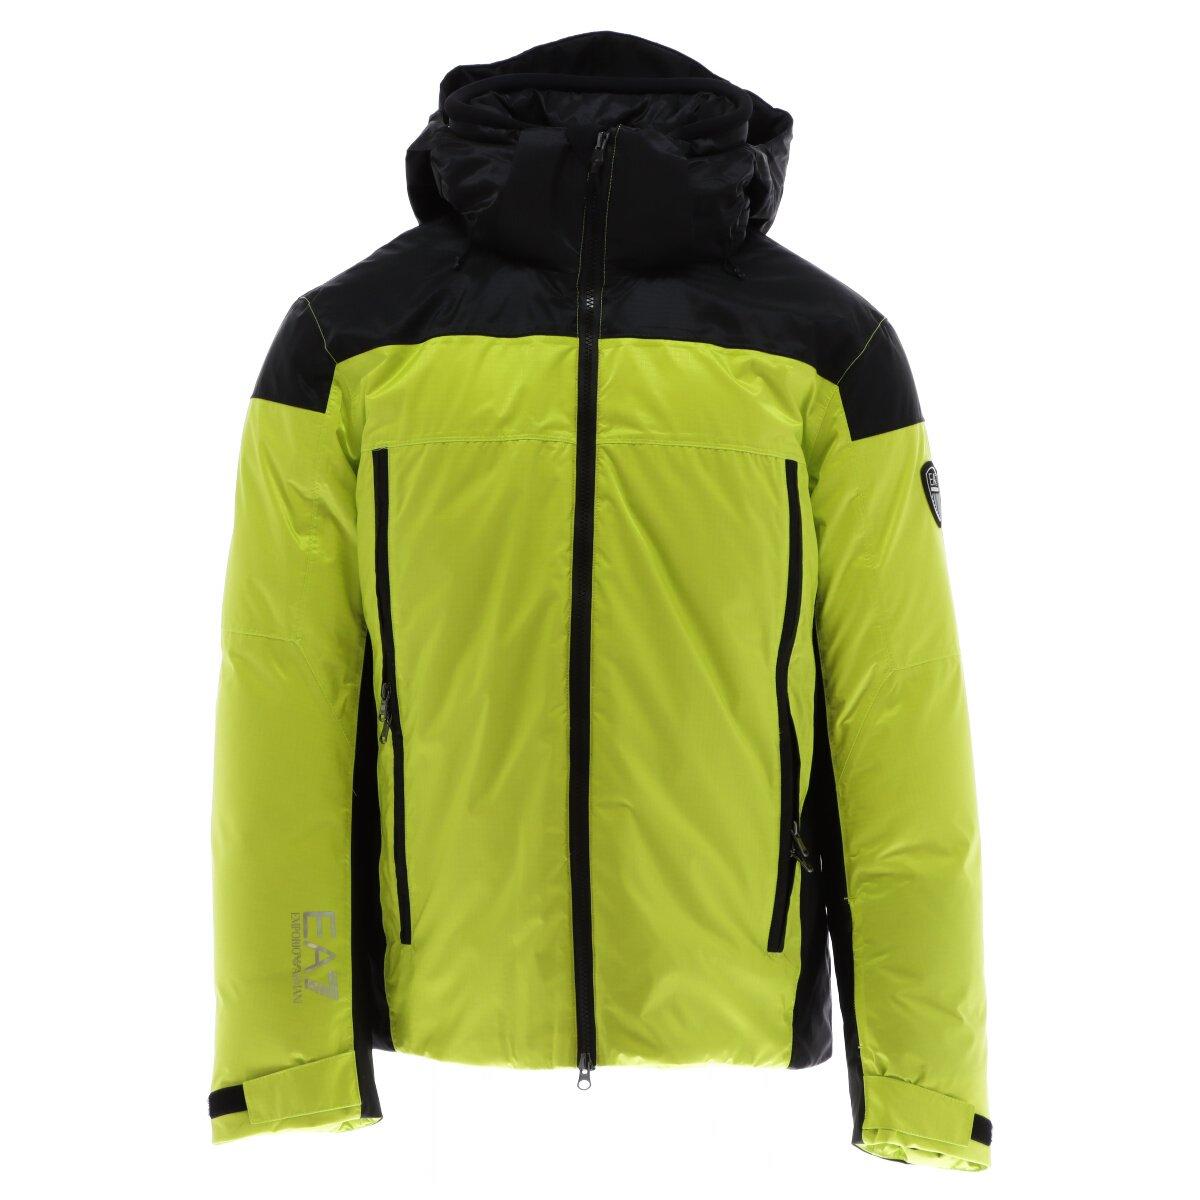 Emporio Armani 7 Men's Jacket Various Colours 285760 - yellow-2 M